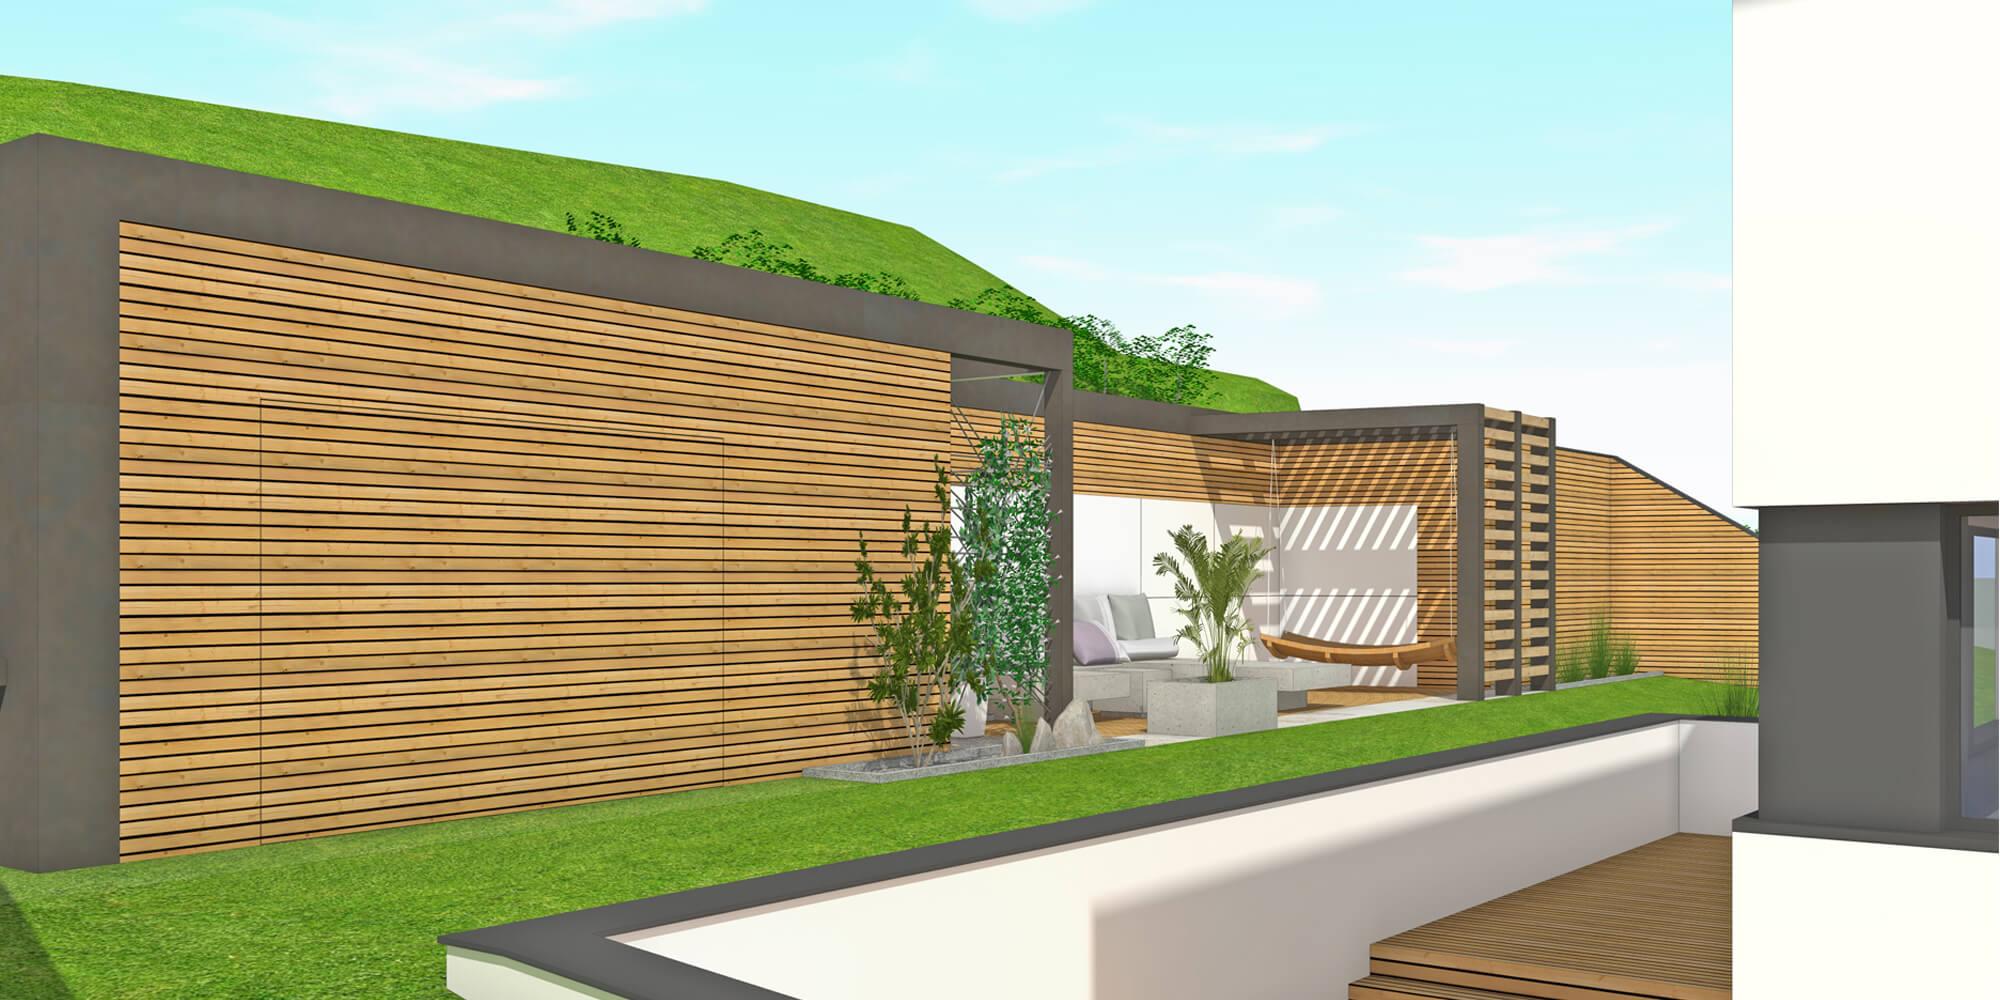 Cre-Plan-Design-Rauch-Frühmann-Architektur-Innenarchitektur-Design-Projekt-Referenz-Rund-ums-Haus-Gartenlounge-2